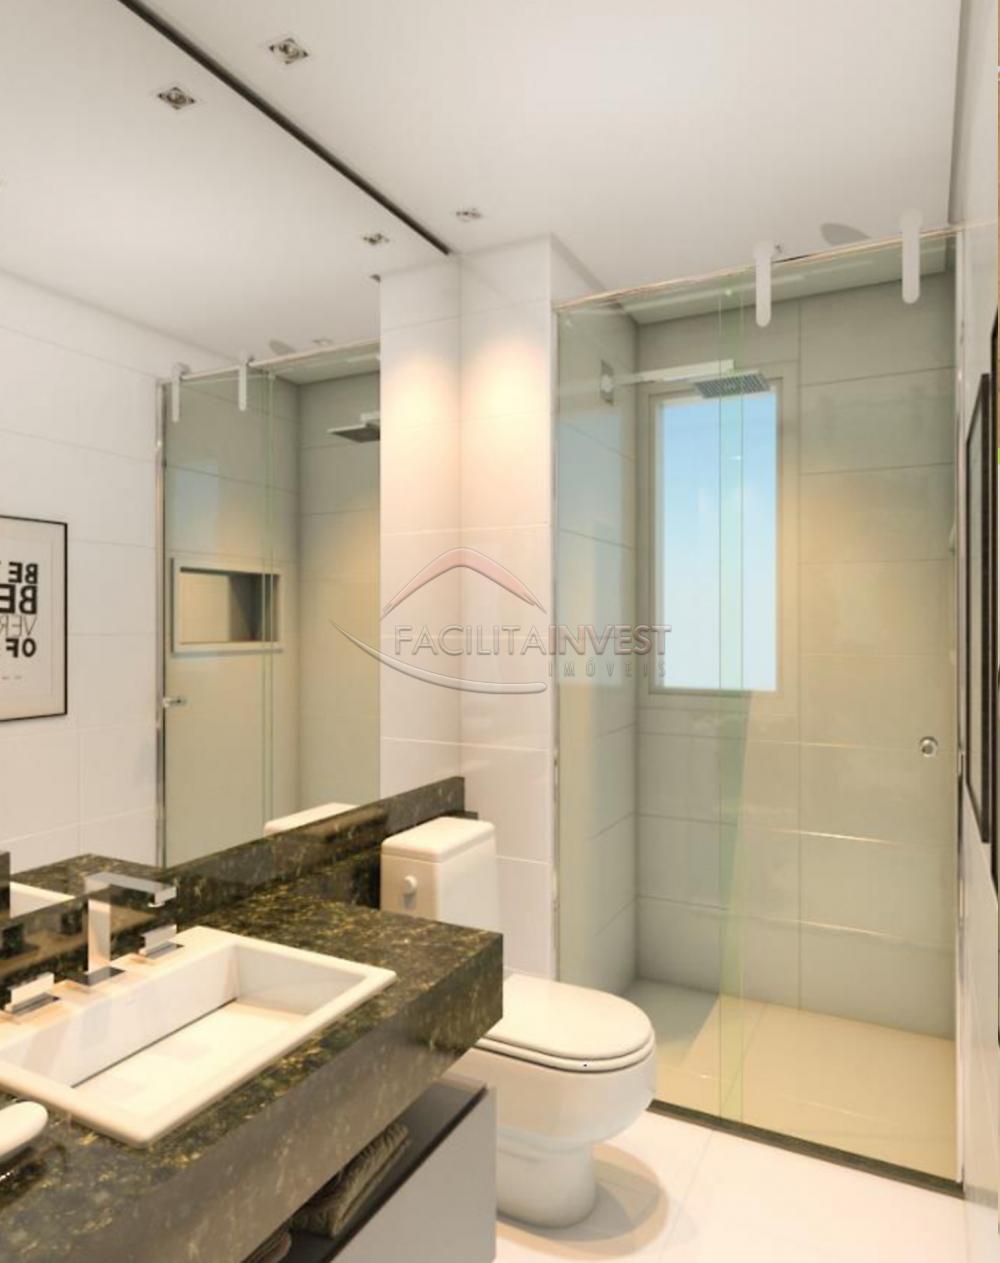 Comprar Lançamentos/ Empreendimentos em Construç / Apartamento padrão - Lançamento em Ribeirão Preto apenas R$ 547.816,00 - Foto 8